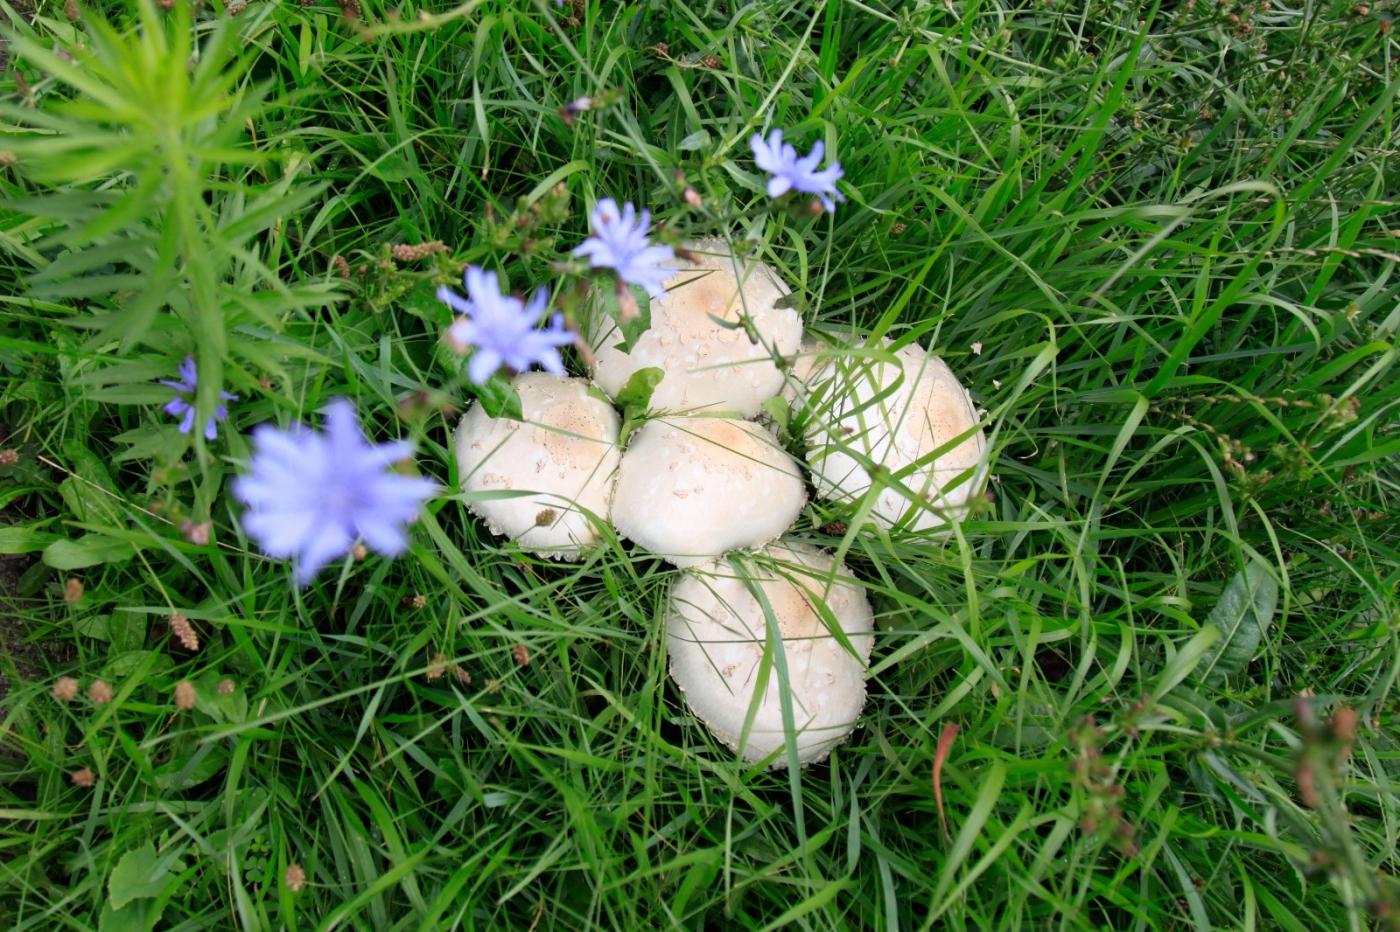 几场大雨后,法拉盛市政厅前的公园内长出了很大的野蘑菇! ..._图1-4